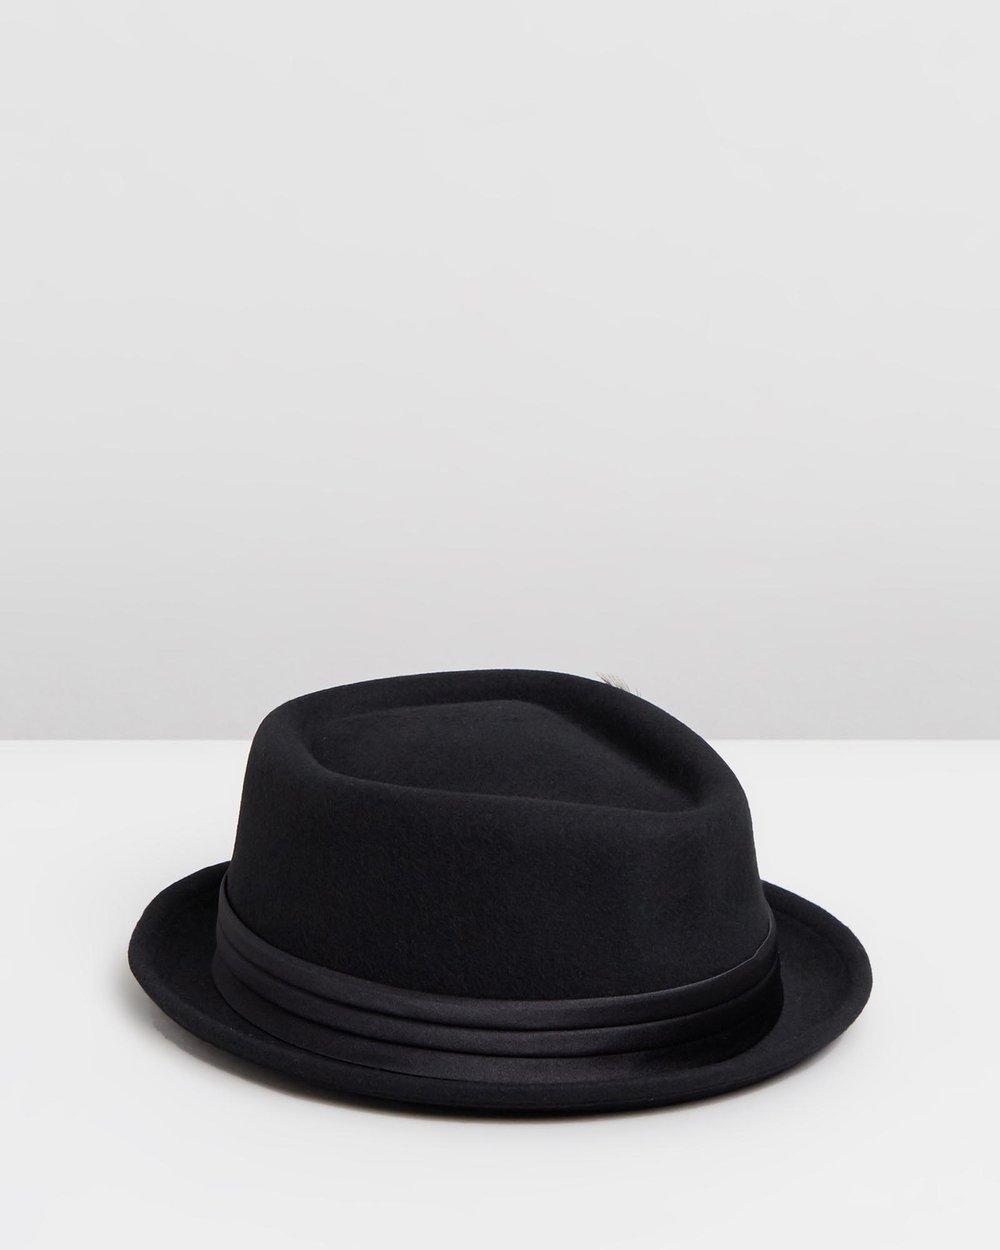 a4d3386af6e Stout Pork Pie Hat by Brixton Online